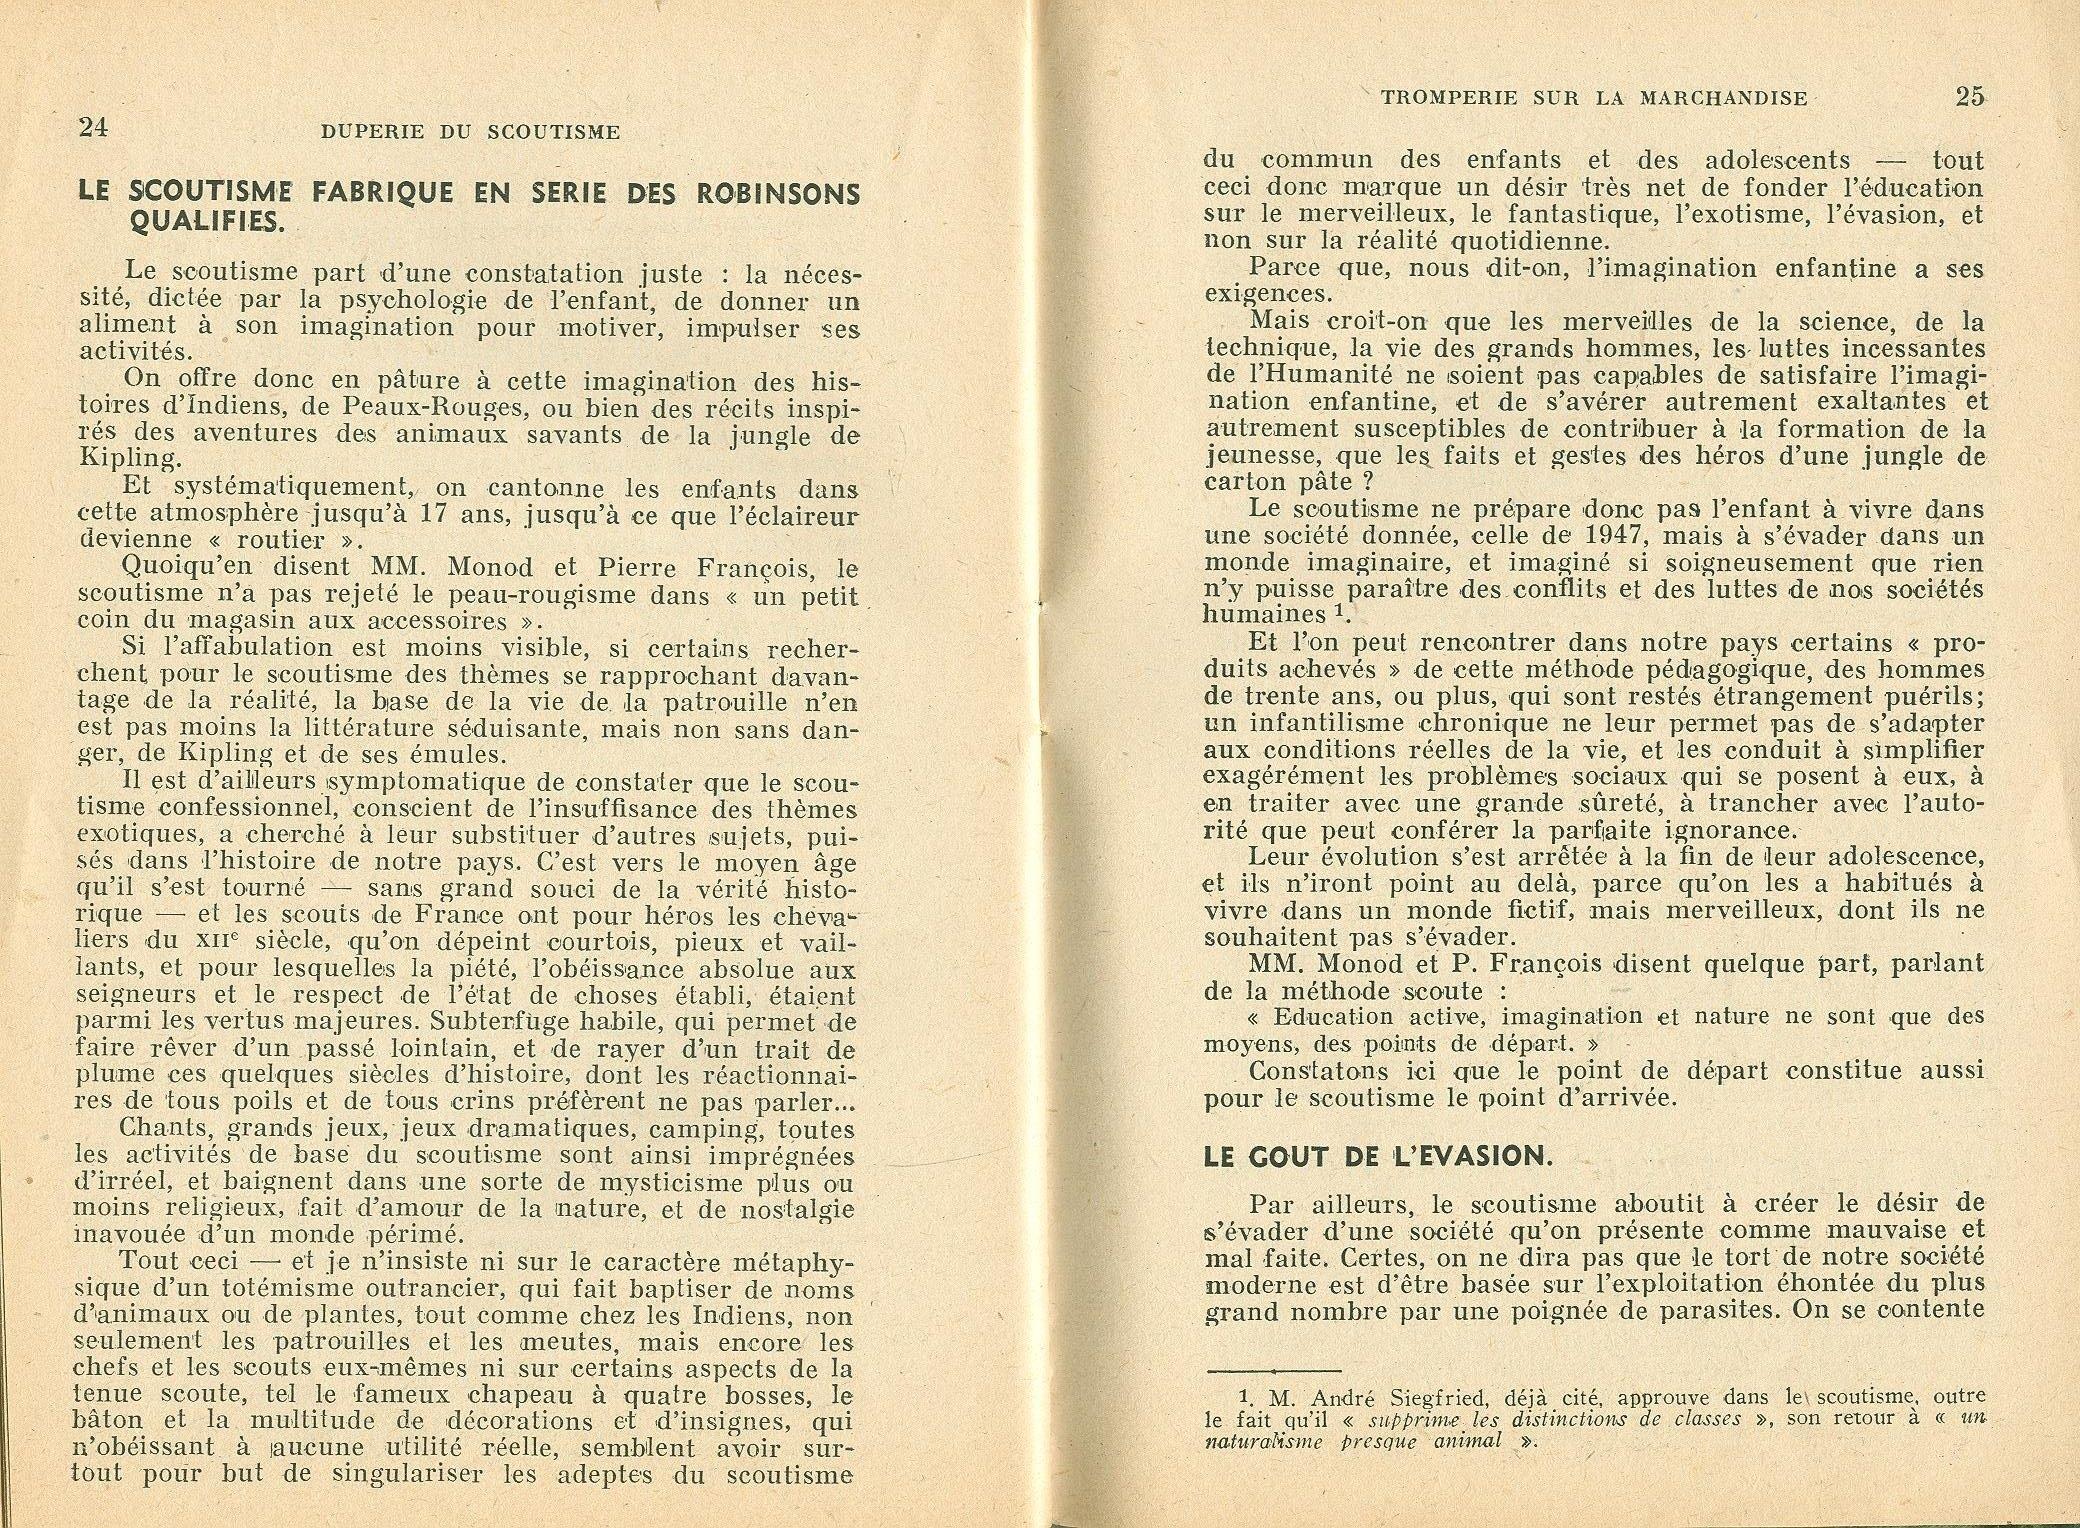 La duperie du scoutisme - pag. 14